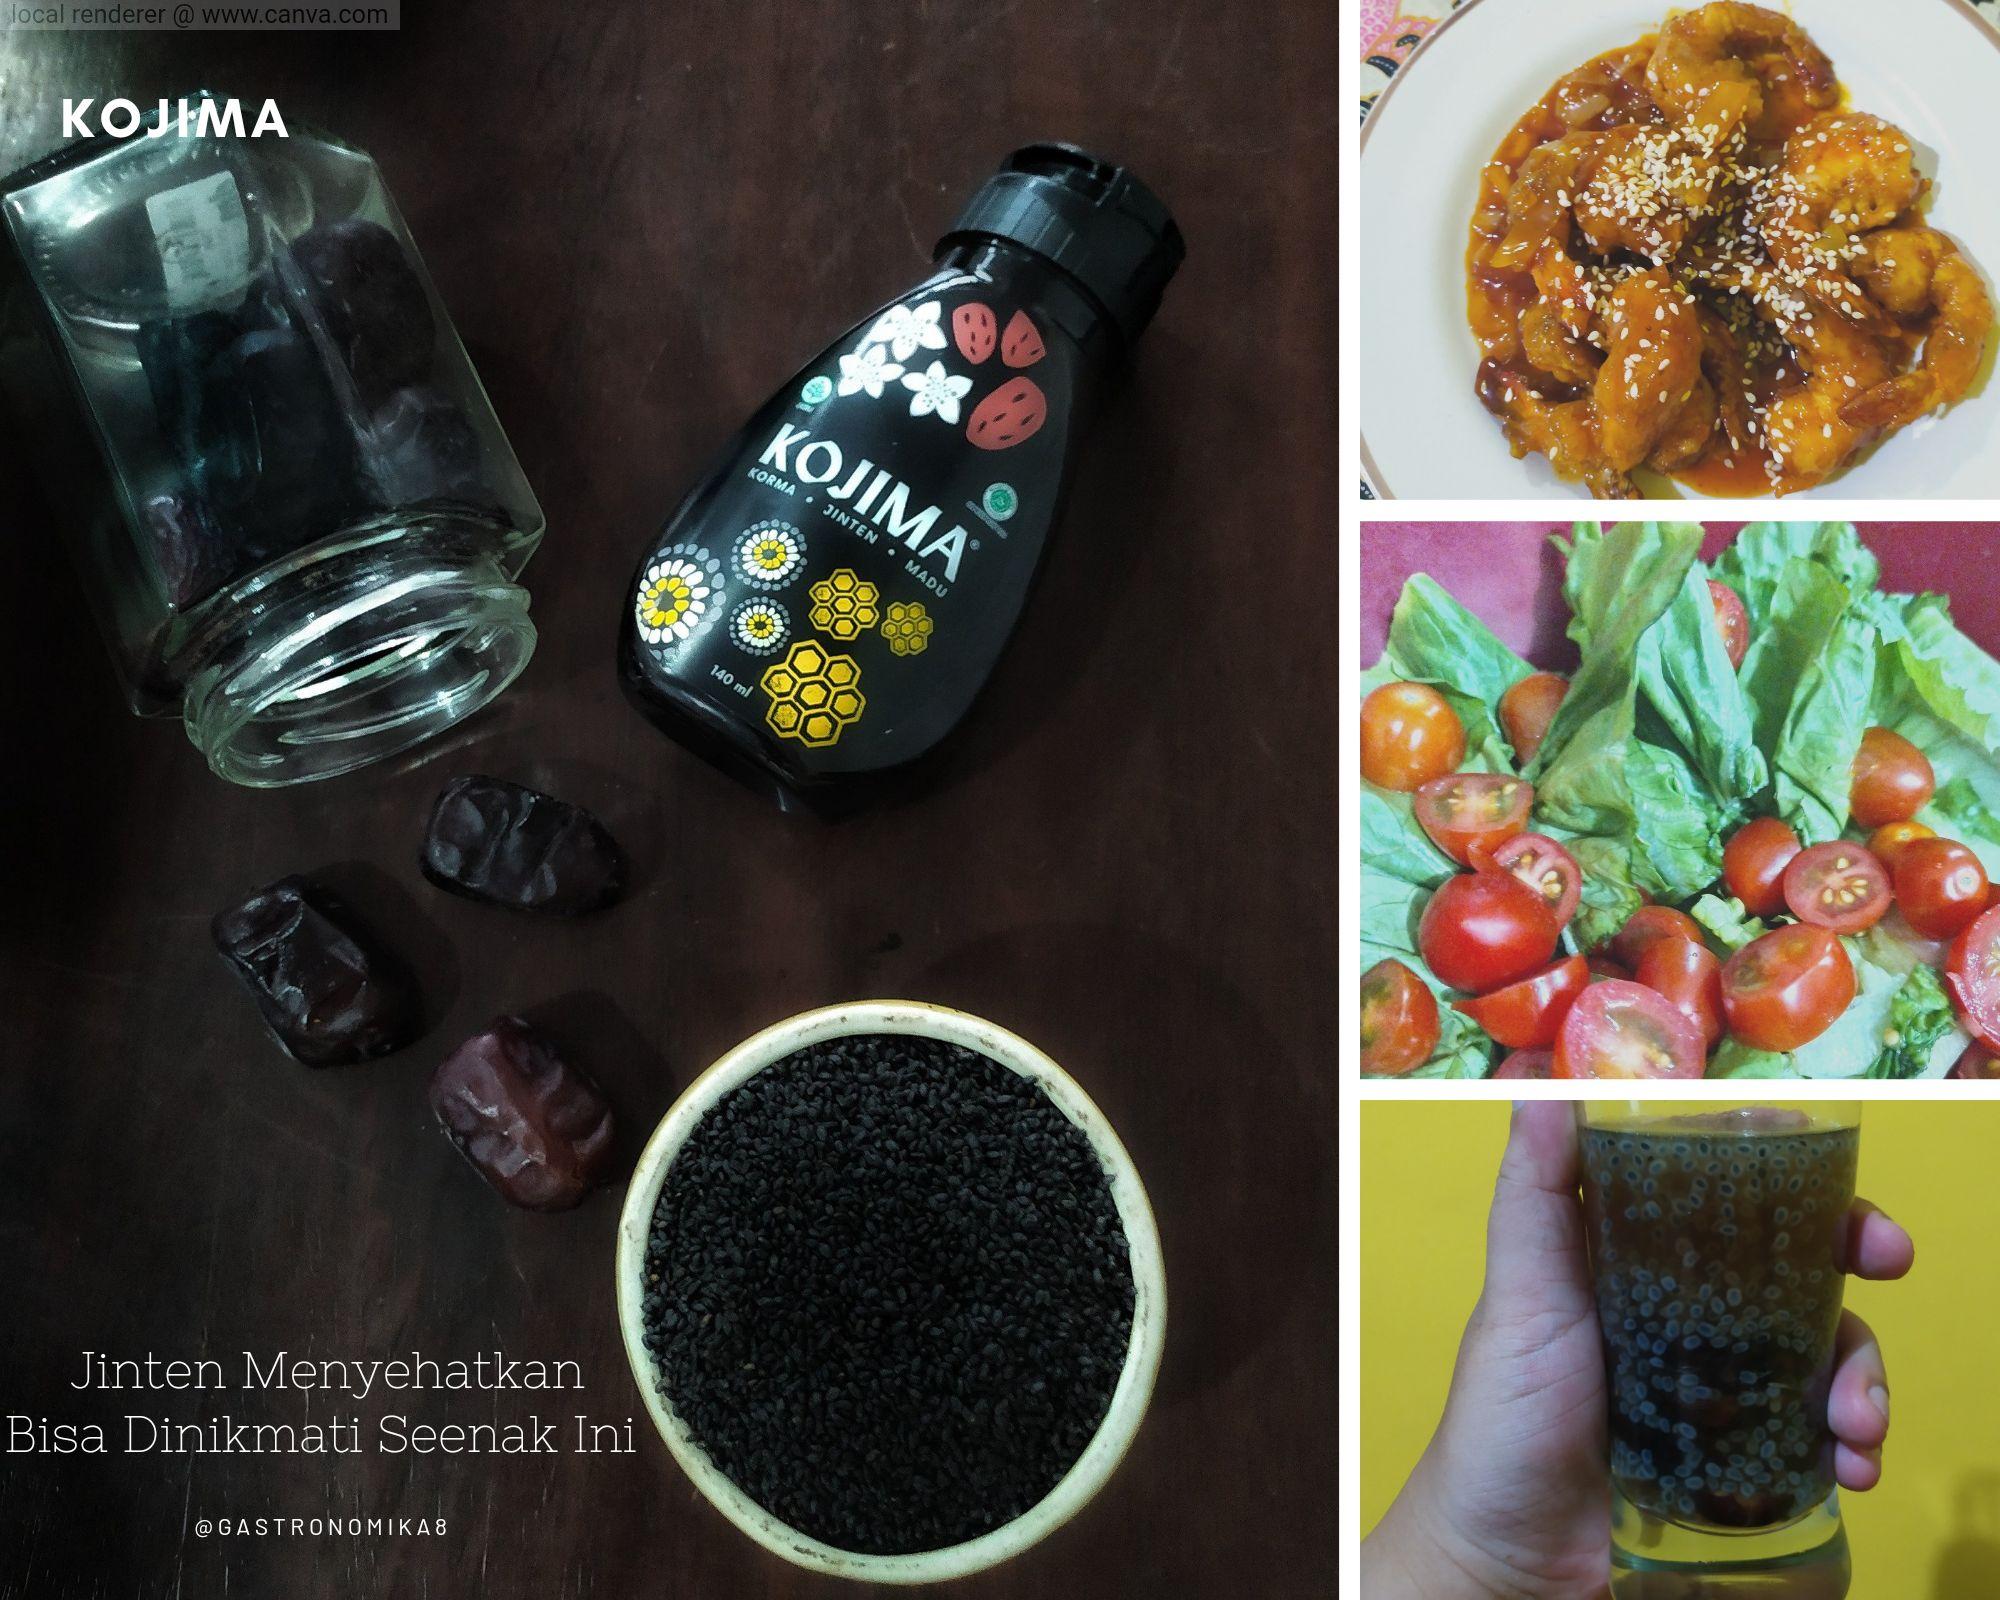 Makan Nikmat Sehat Berkat Kojima, My New Healty Lifestyle